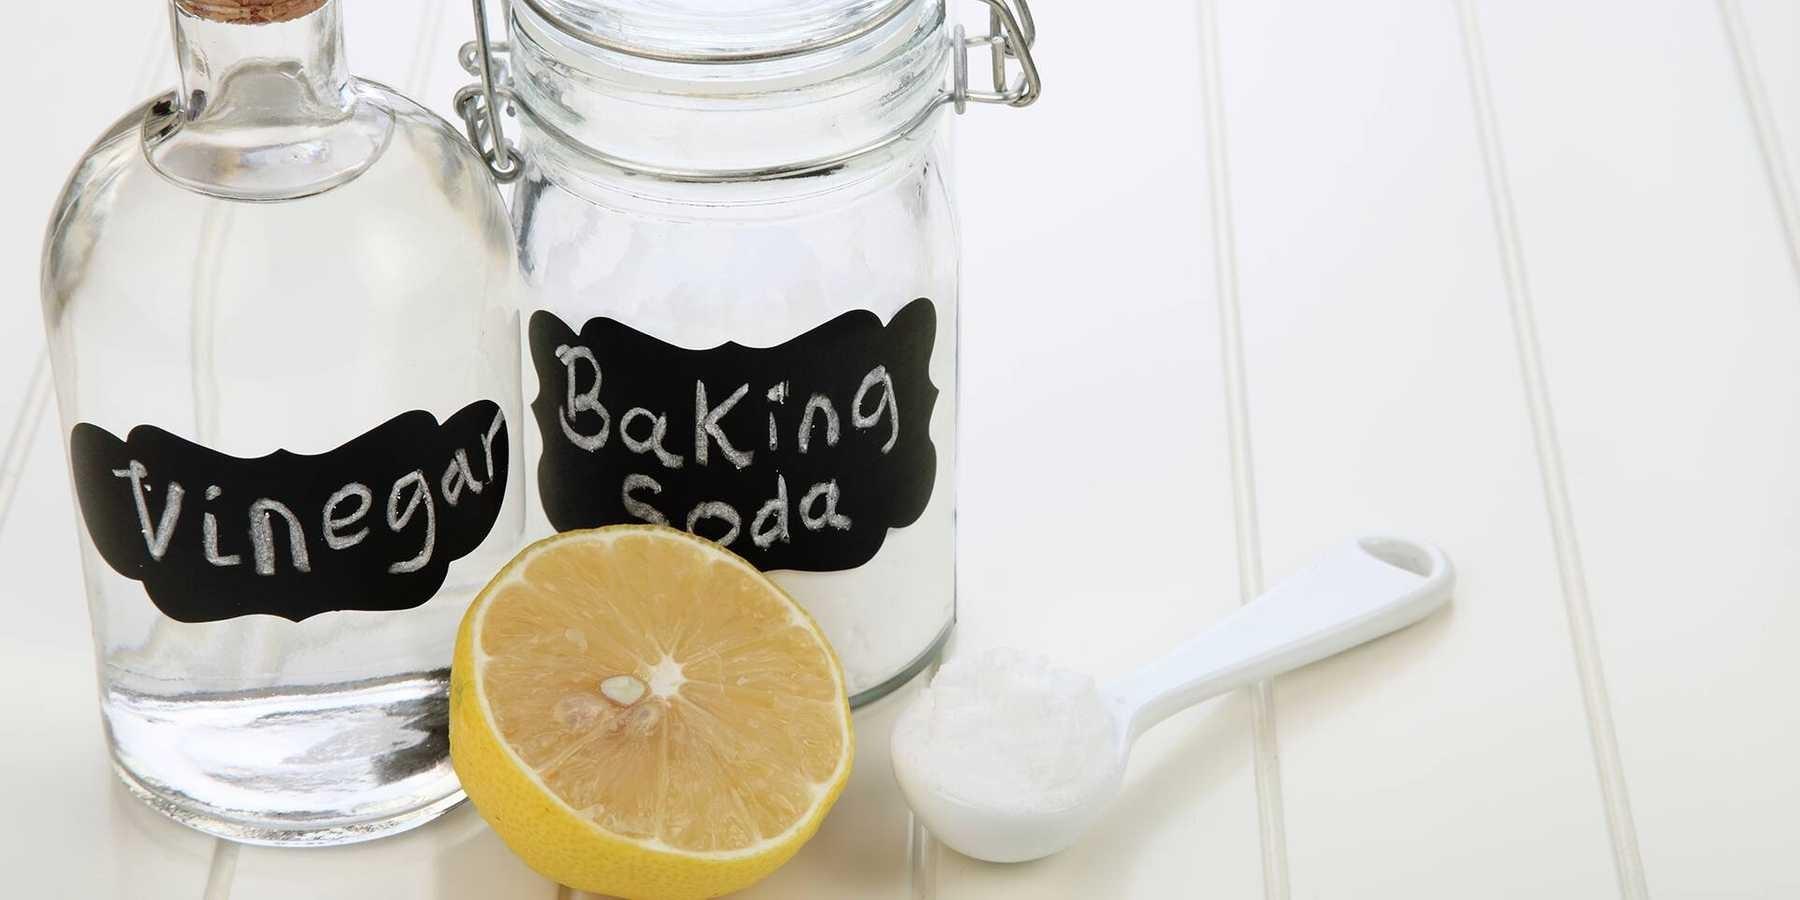 Trộn baking soda với giấm ăn sao cho hỗn hợp tạo thành sệt lại